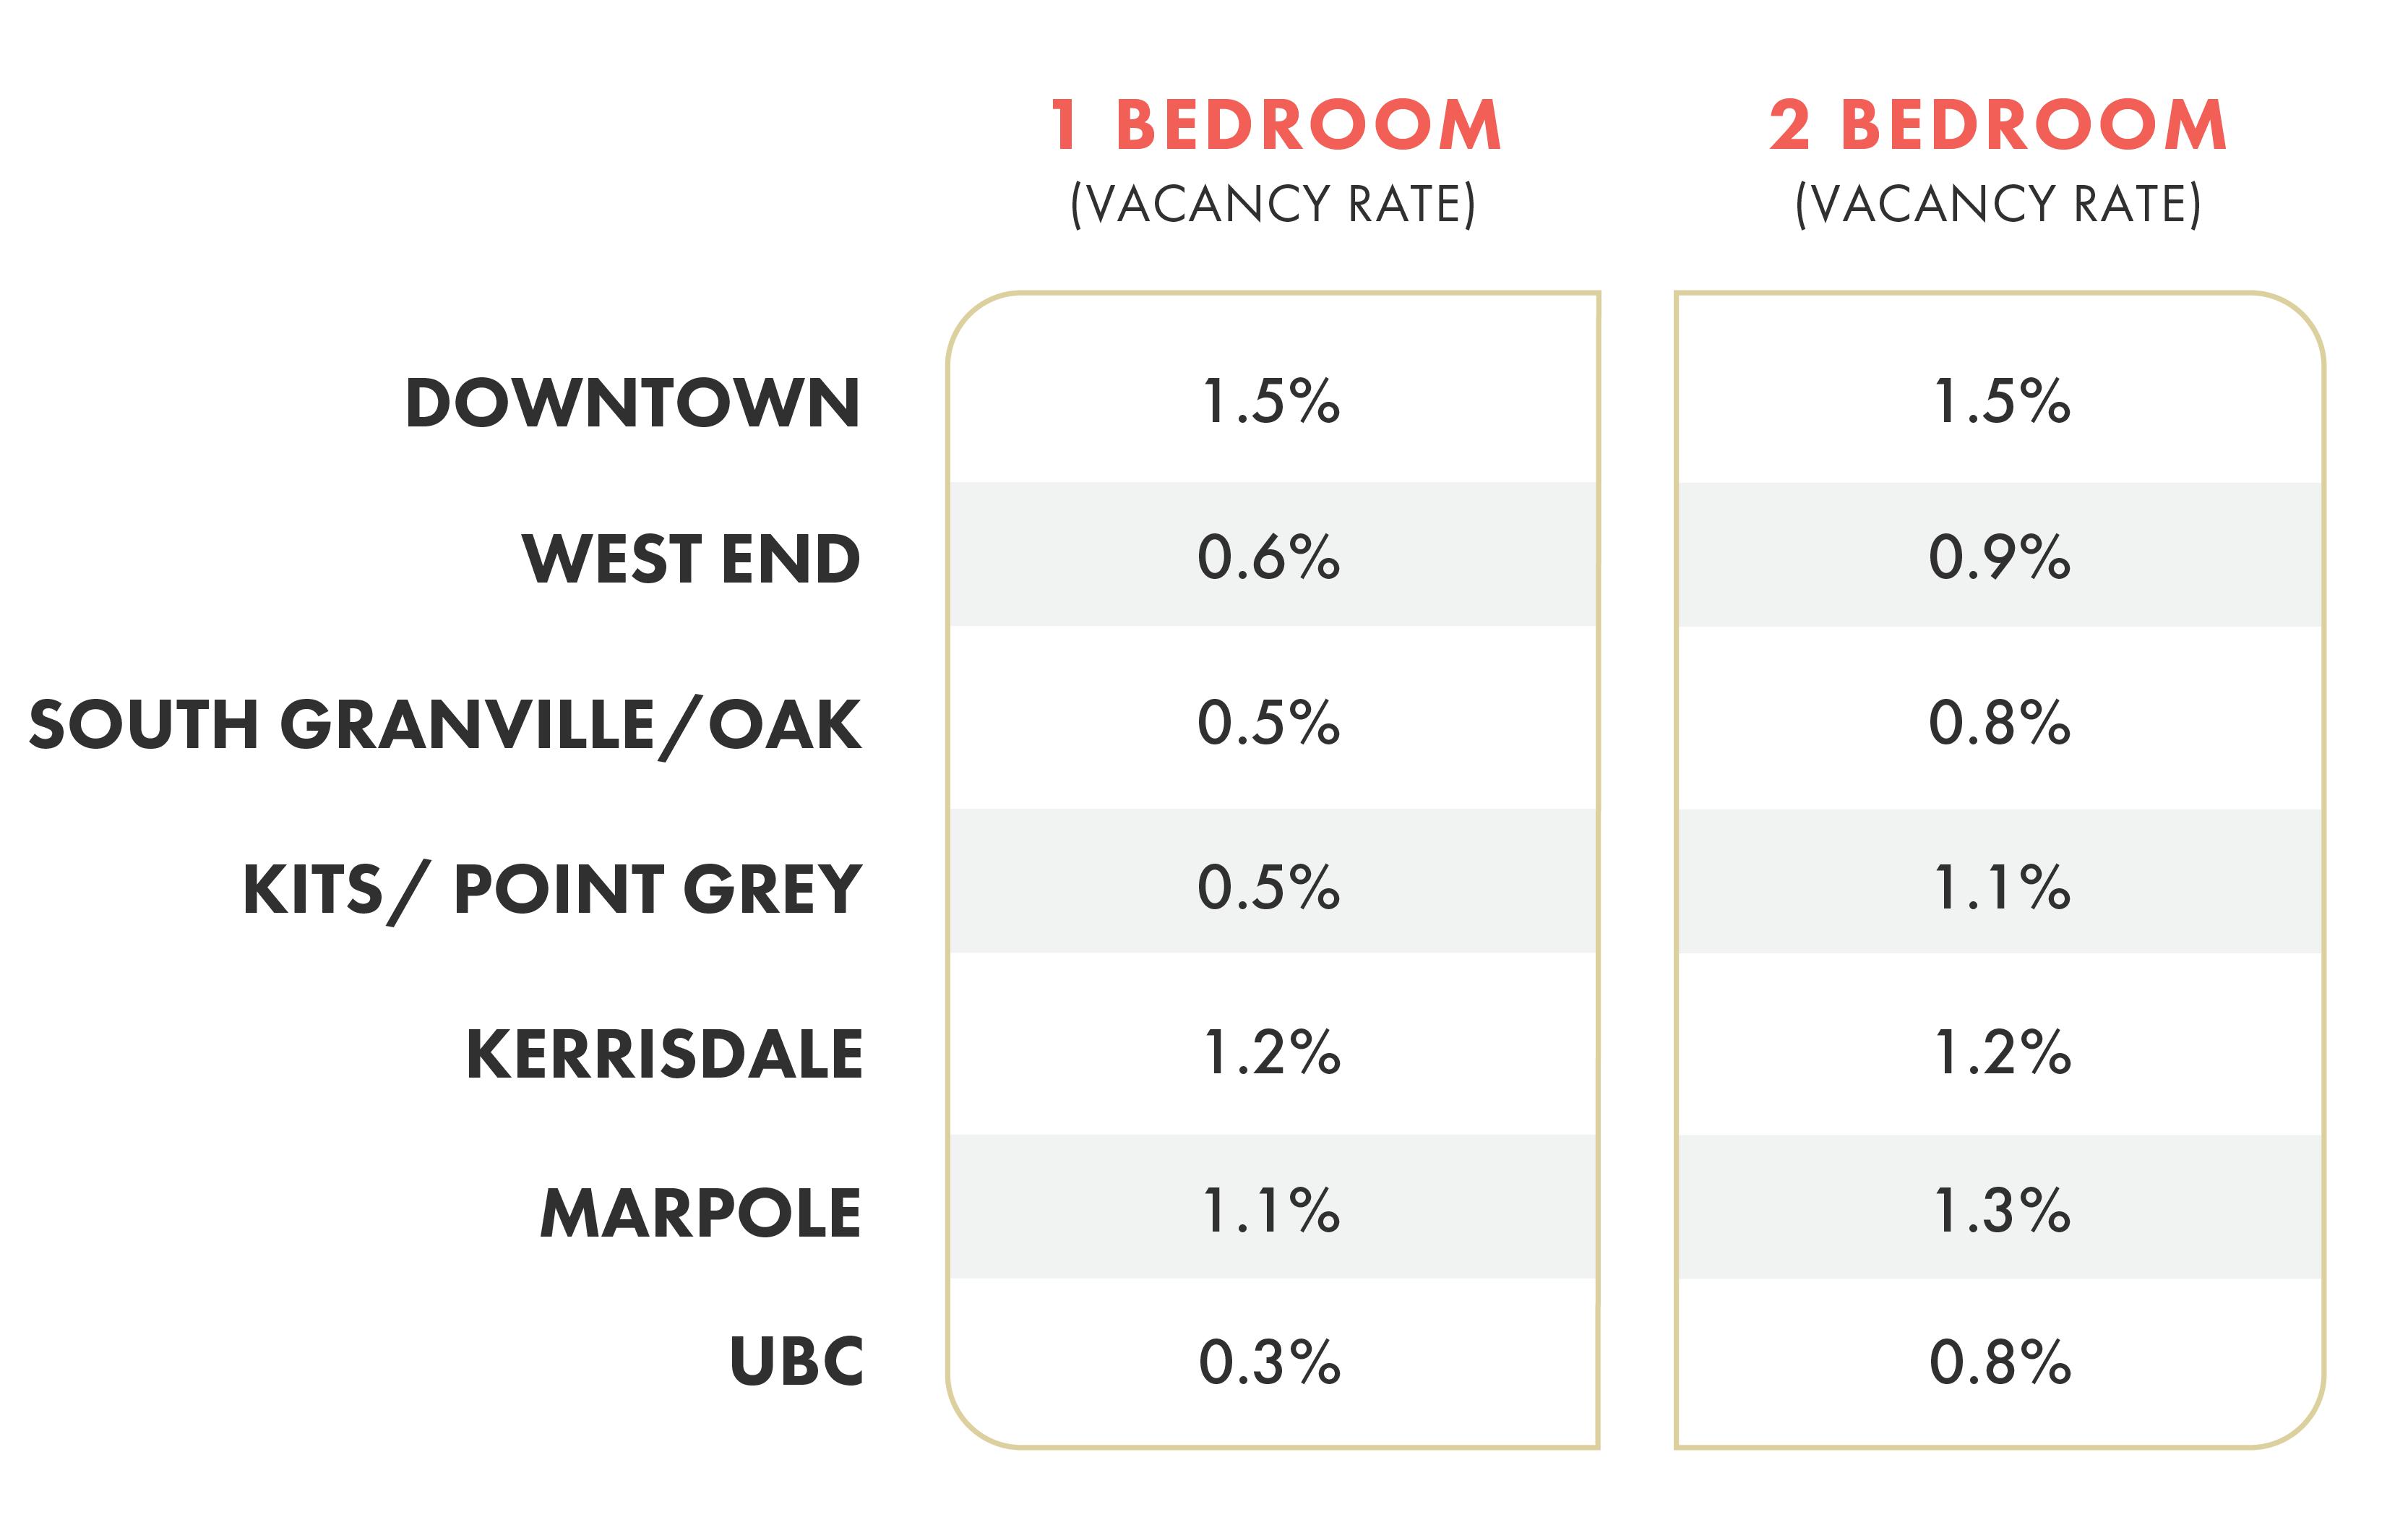 Vancouver Rental Vacancy Rate - Breakdown by Neighbourhood